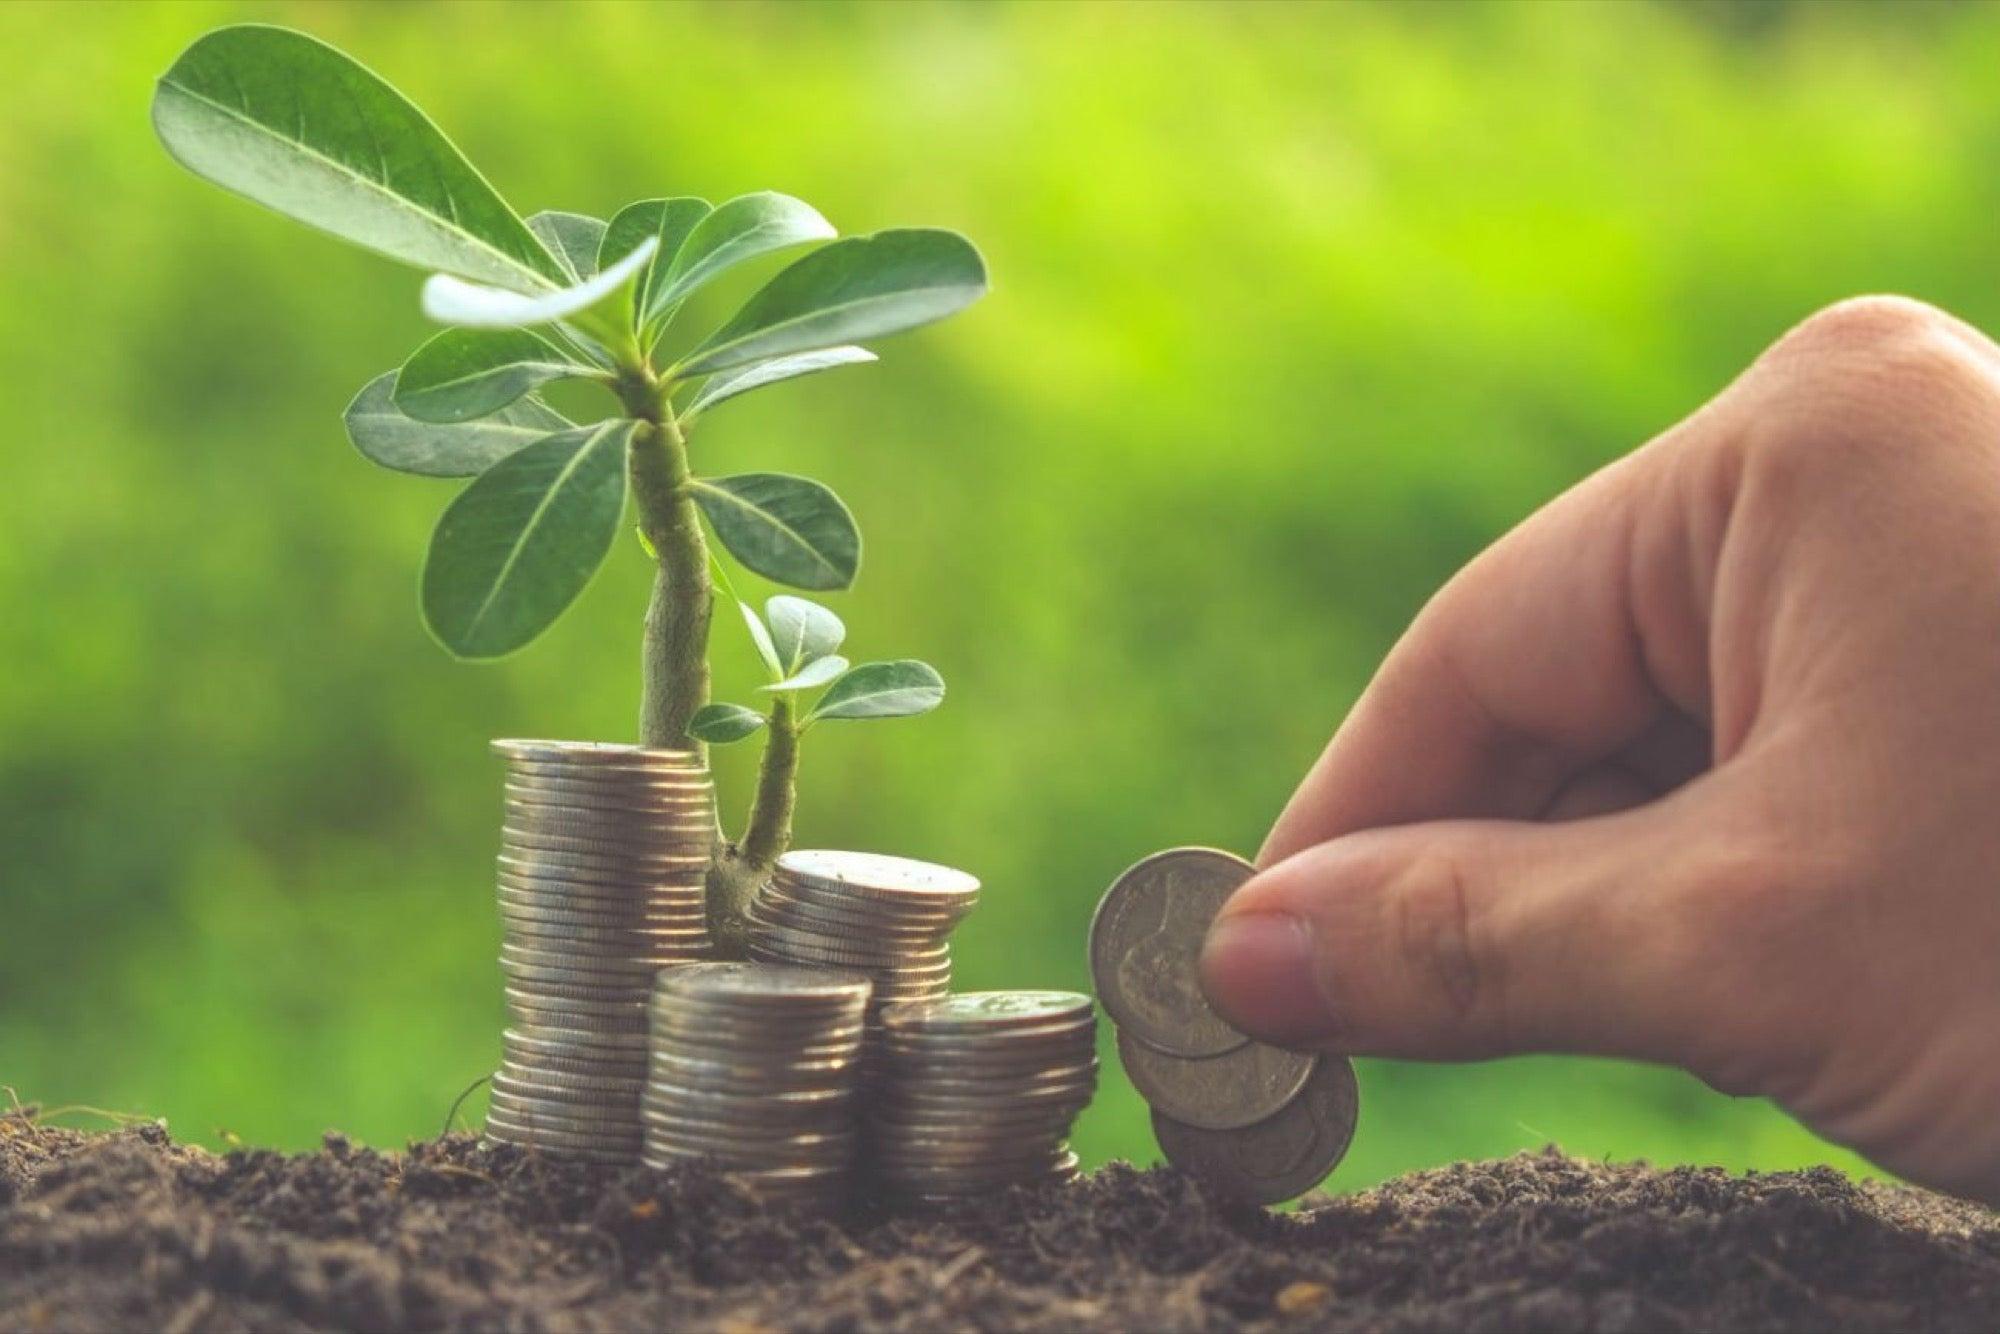 Топ 20 лучших способов инвестирования в 2020 году